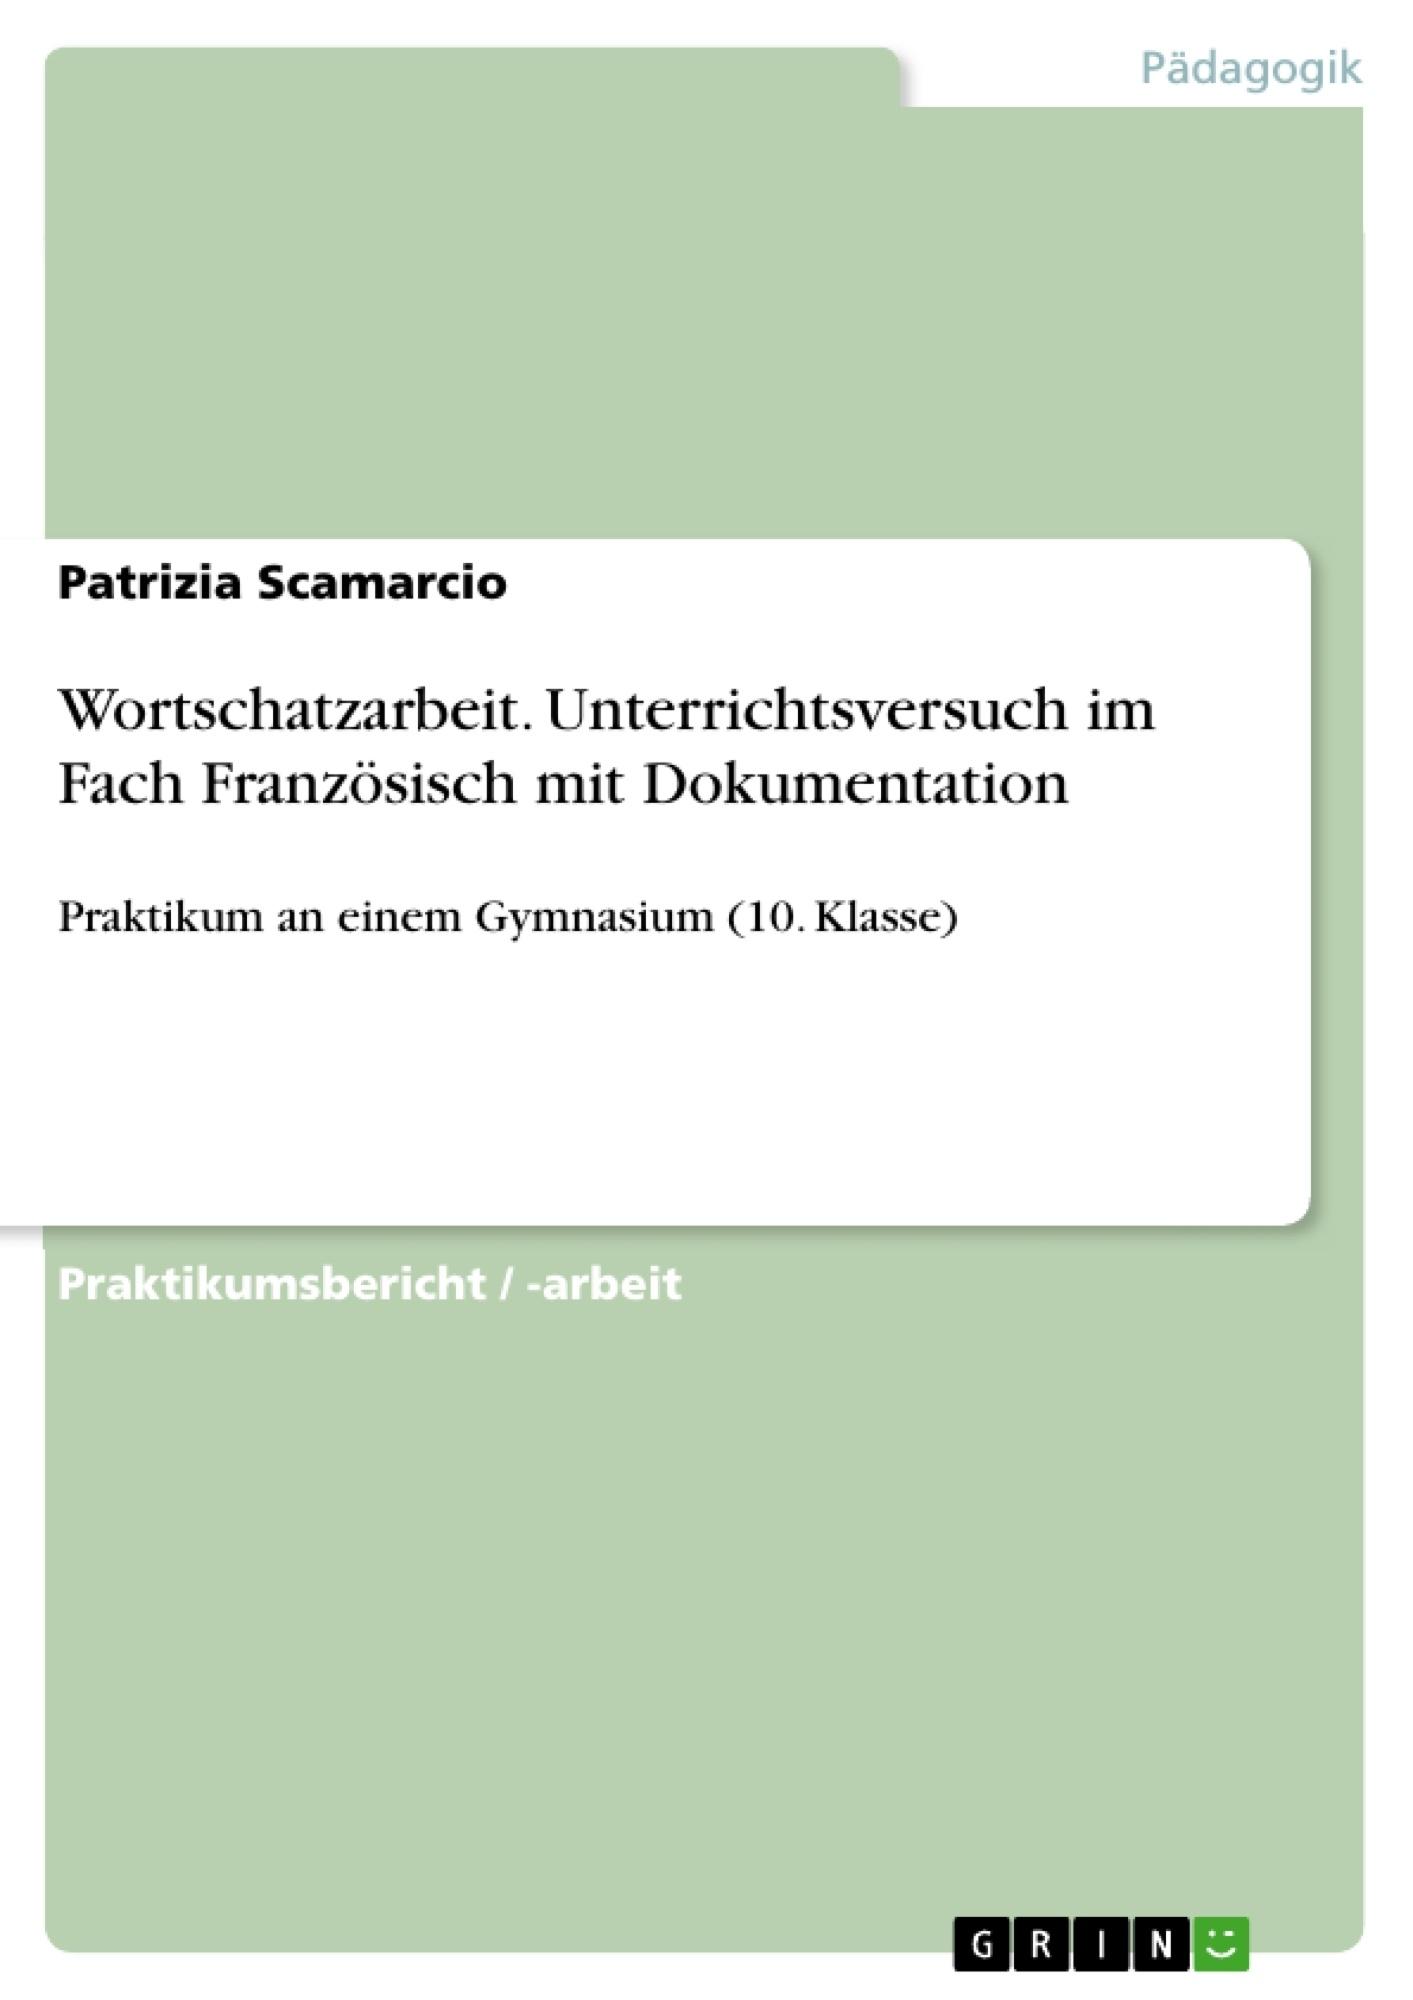 Titel: Wortschatzarbeit. Unterrichtsversuch im Fach Französisch mit Dokumentation